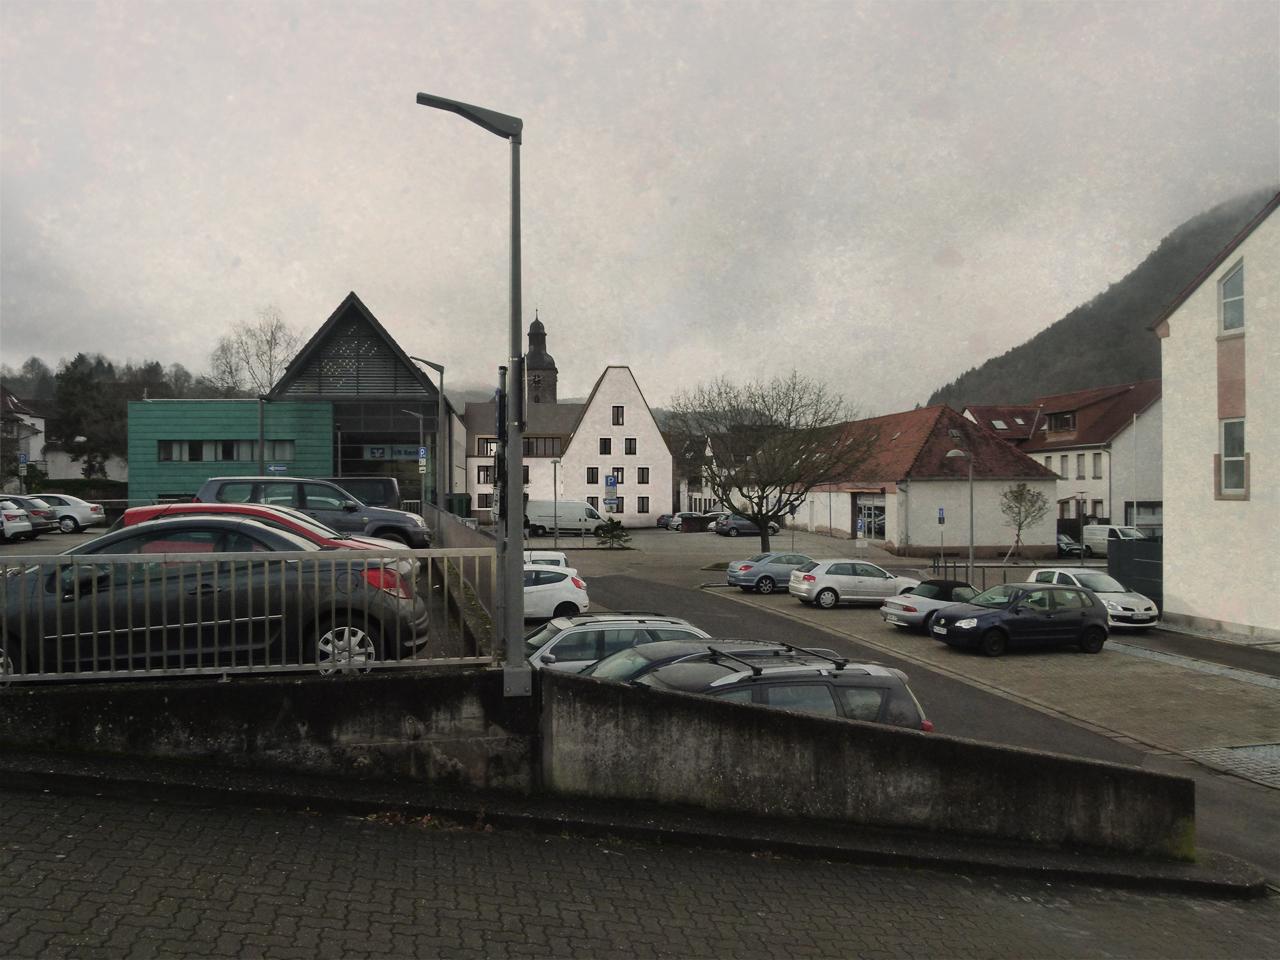 3_1_Quodgasse Annweiler